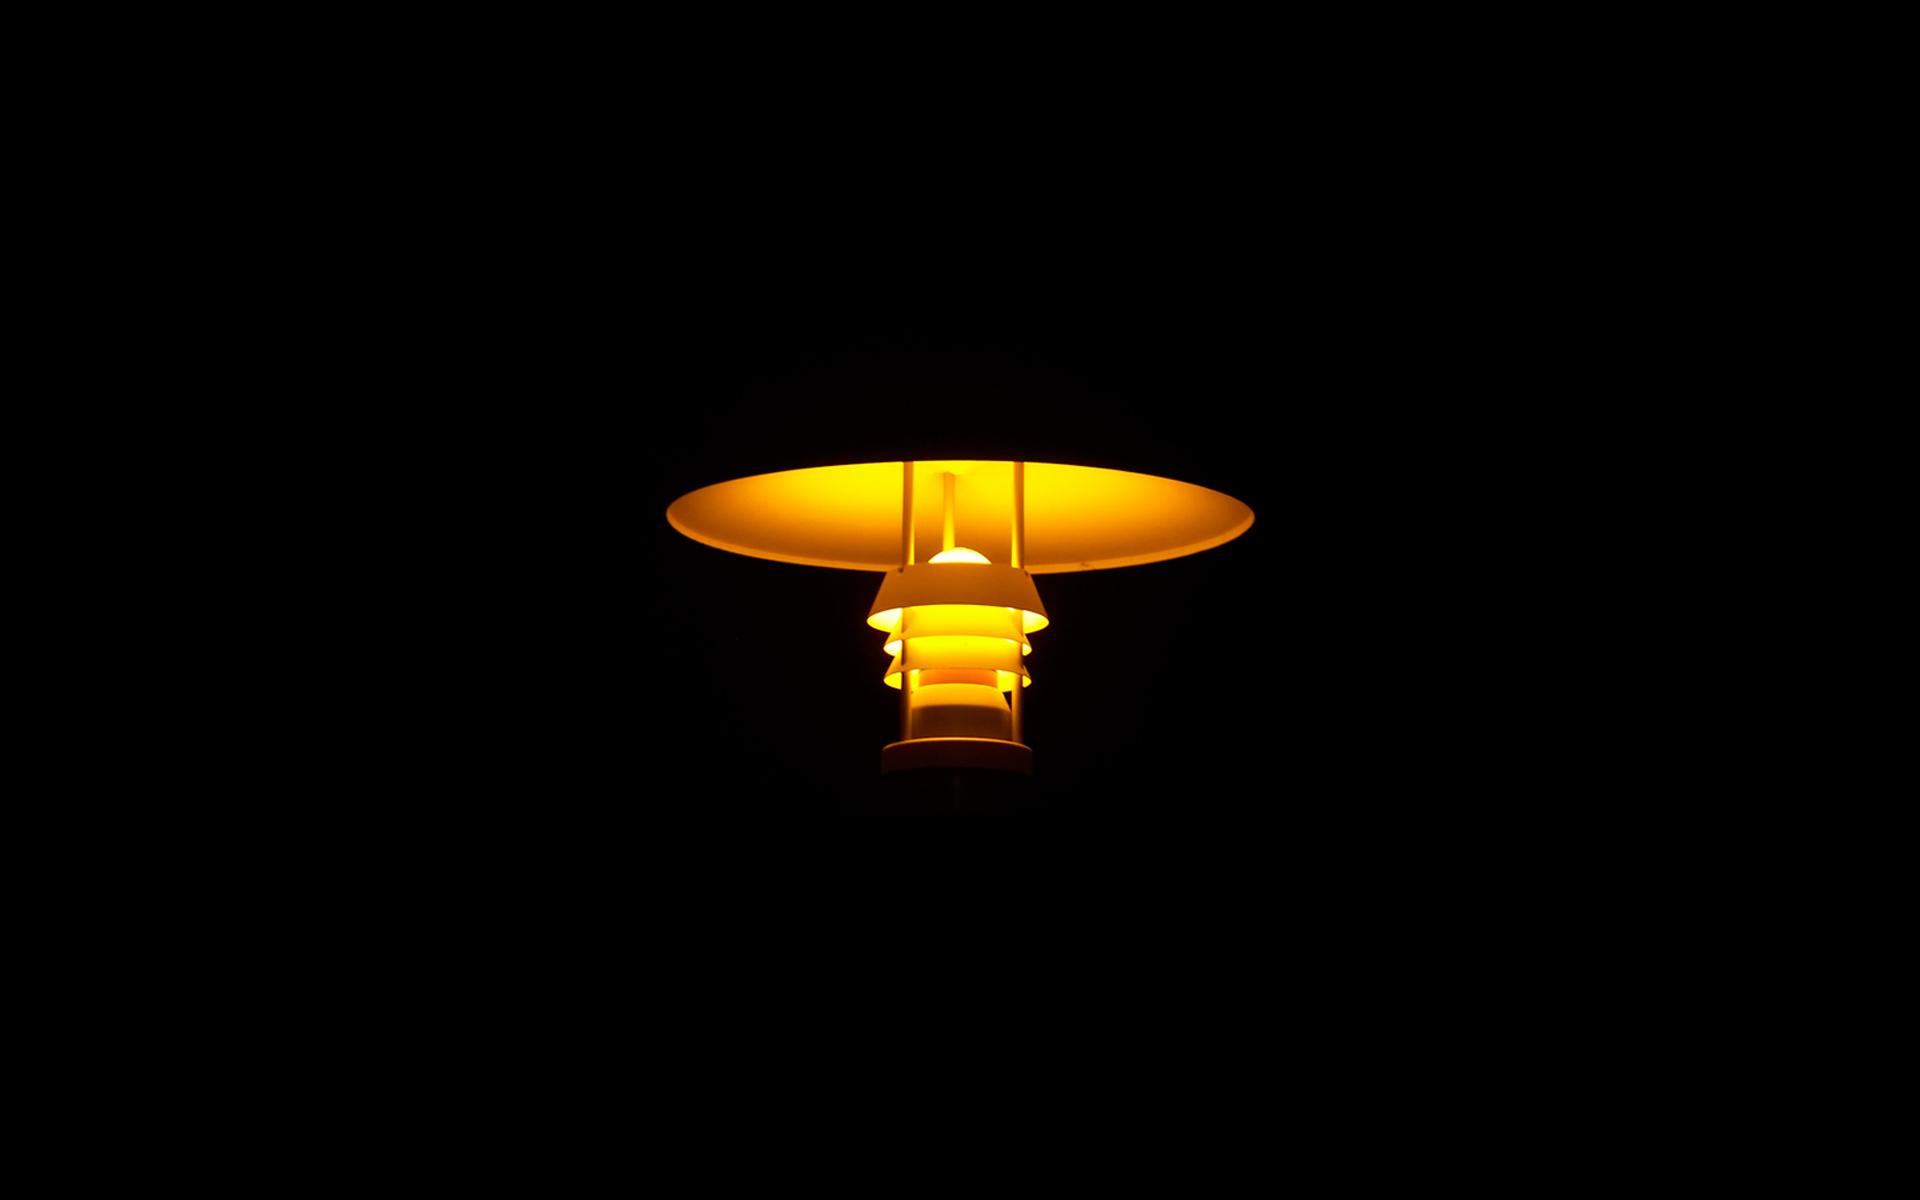 lamp wallpaper 53970